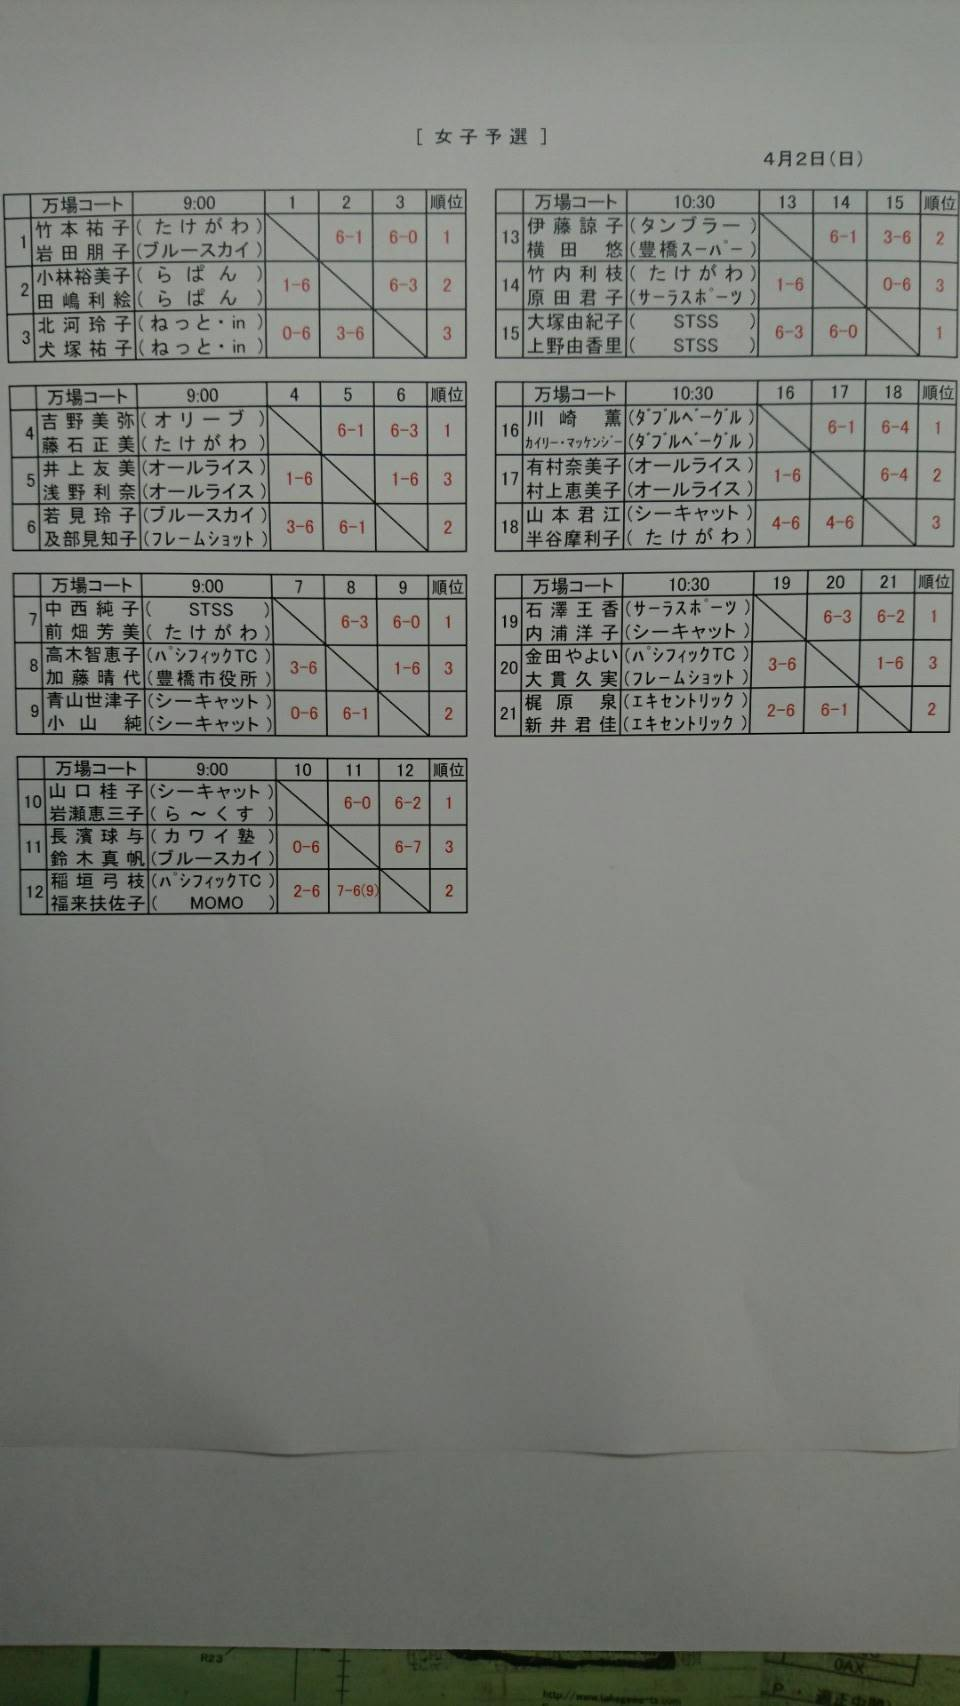 17年度協会長杯ダブルス_女子_予選リーグ_結果